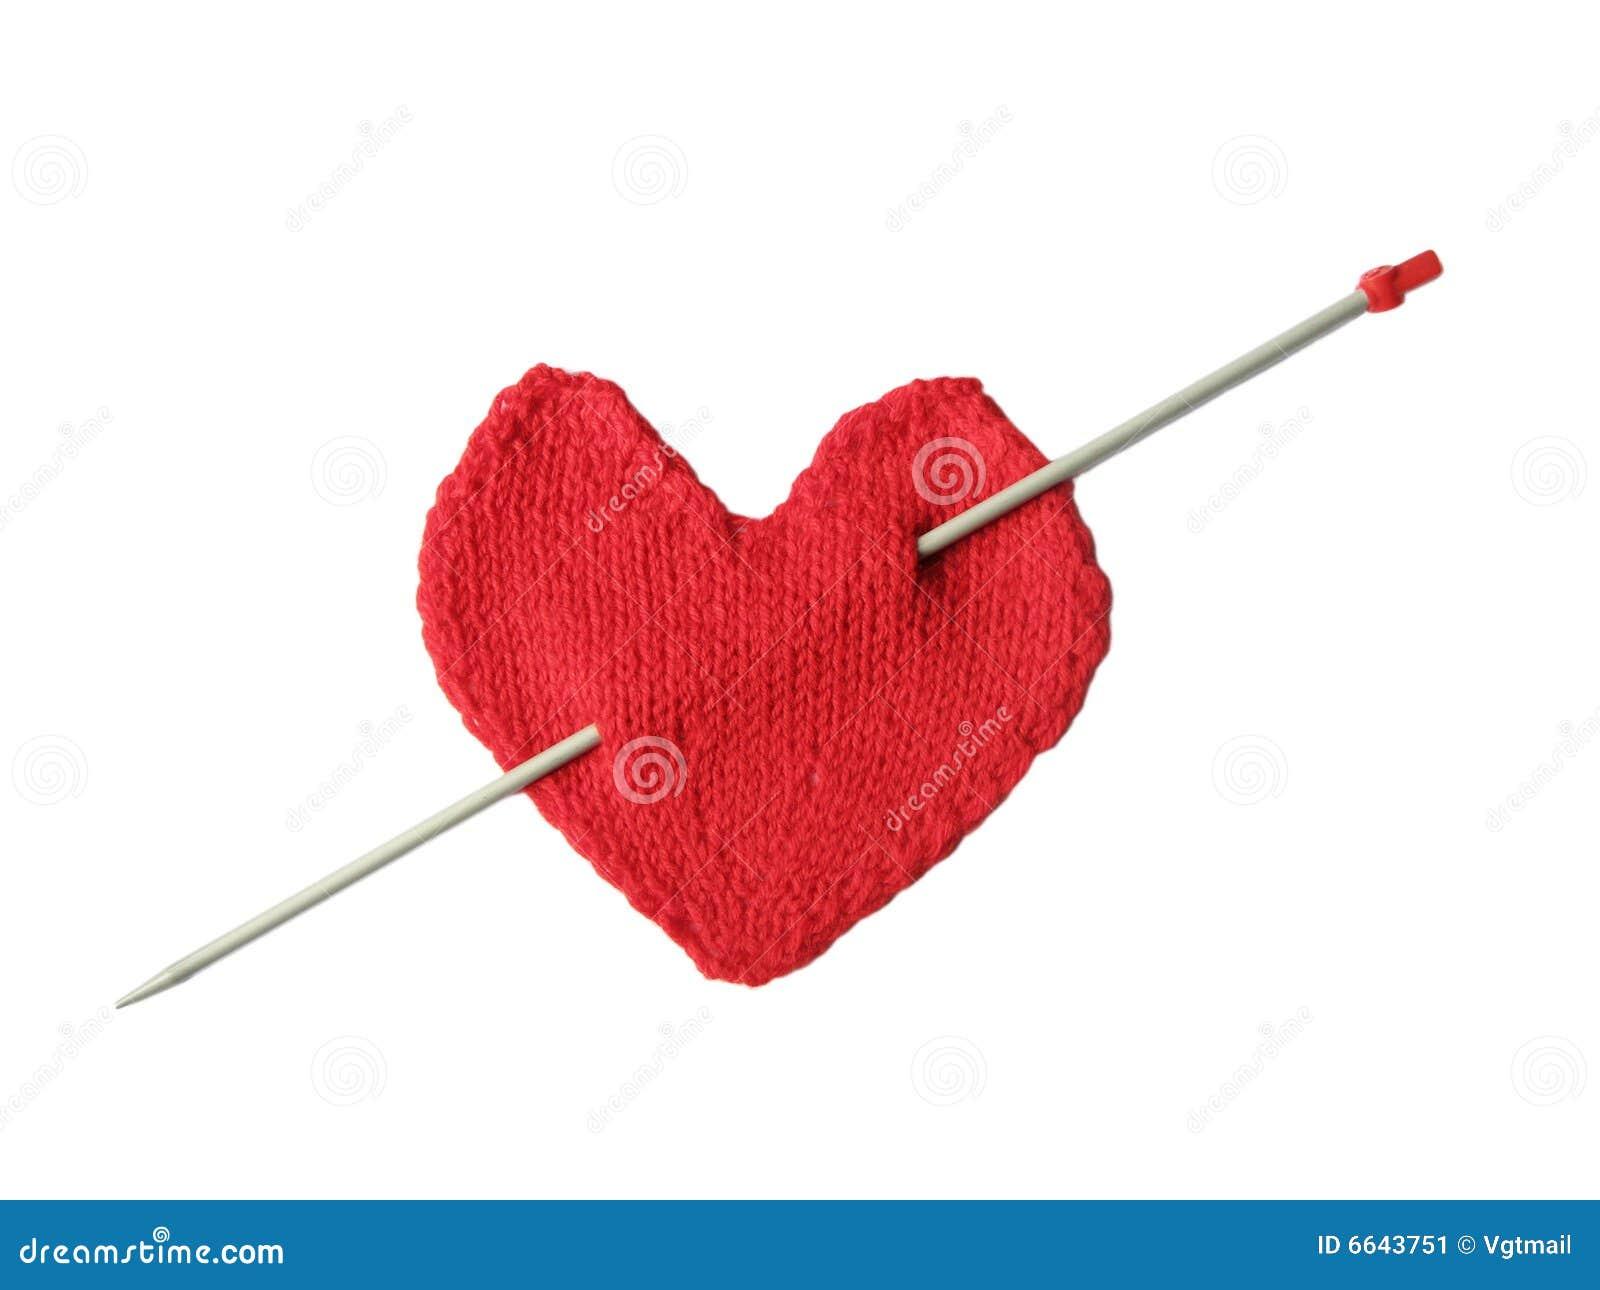 η καρδιά του έρωτα smwch online dating